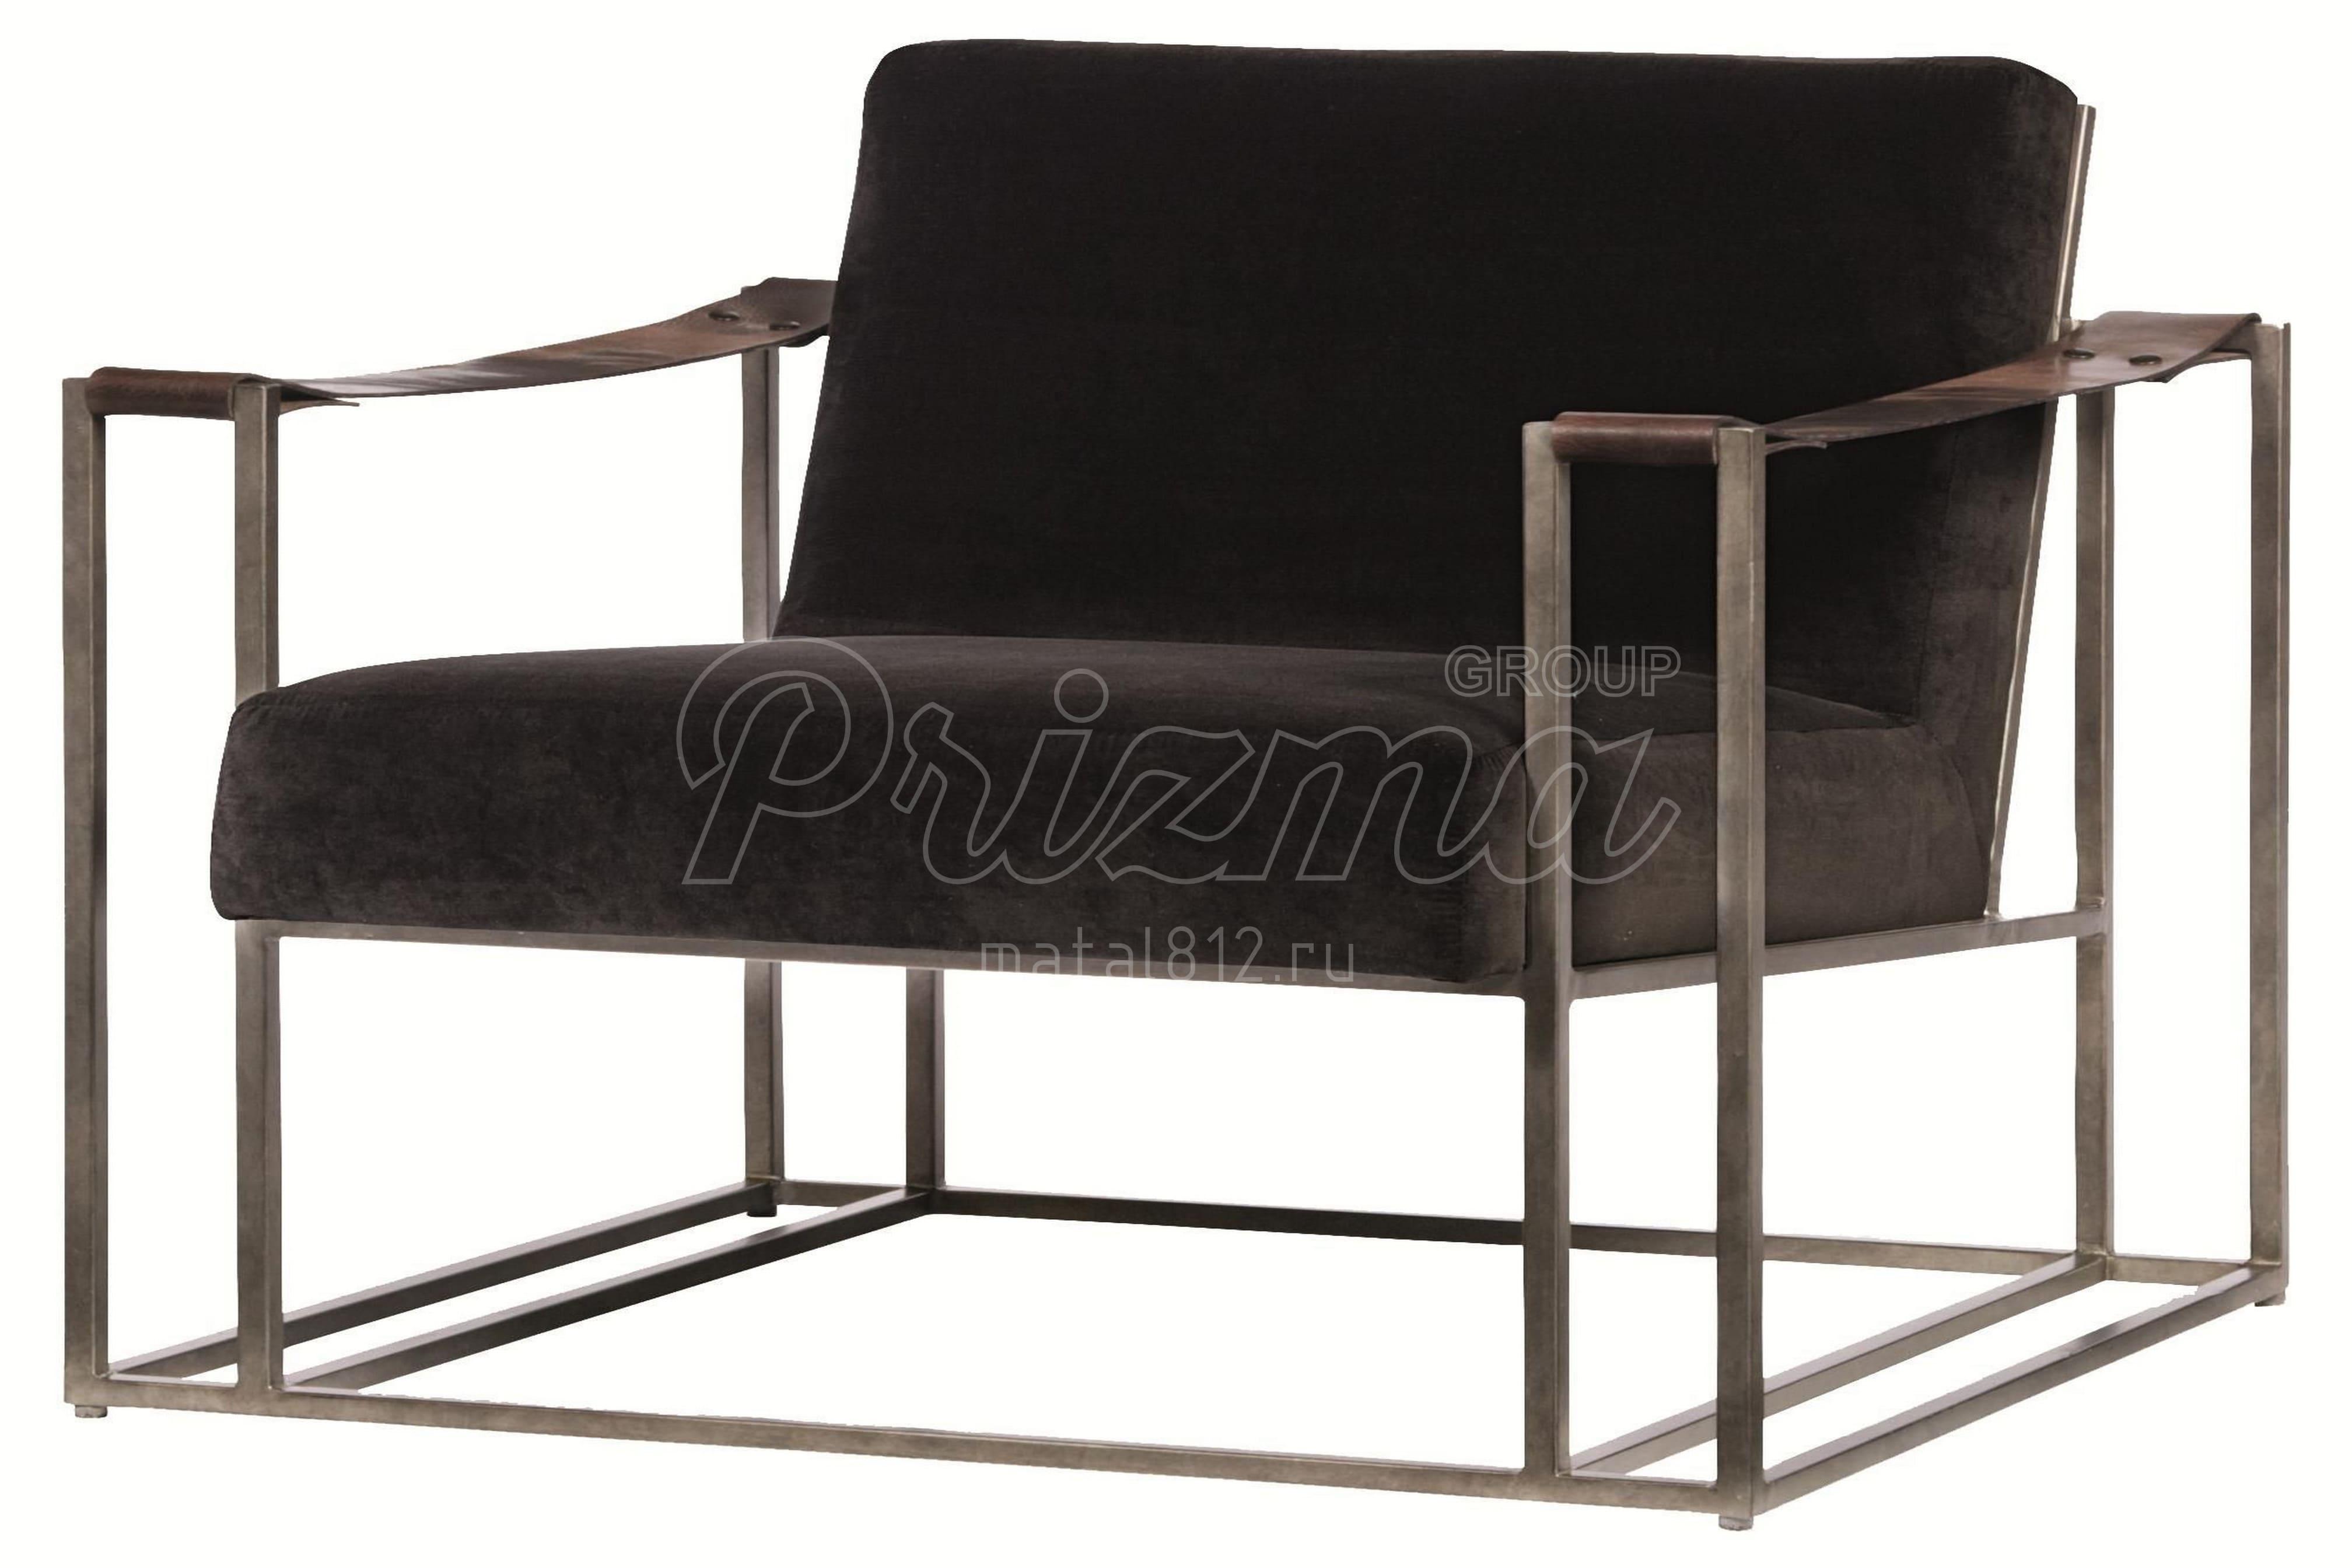 Проектирование стульев ЛОФТ/LOFT